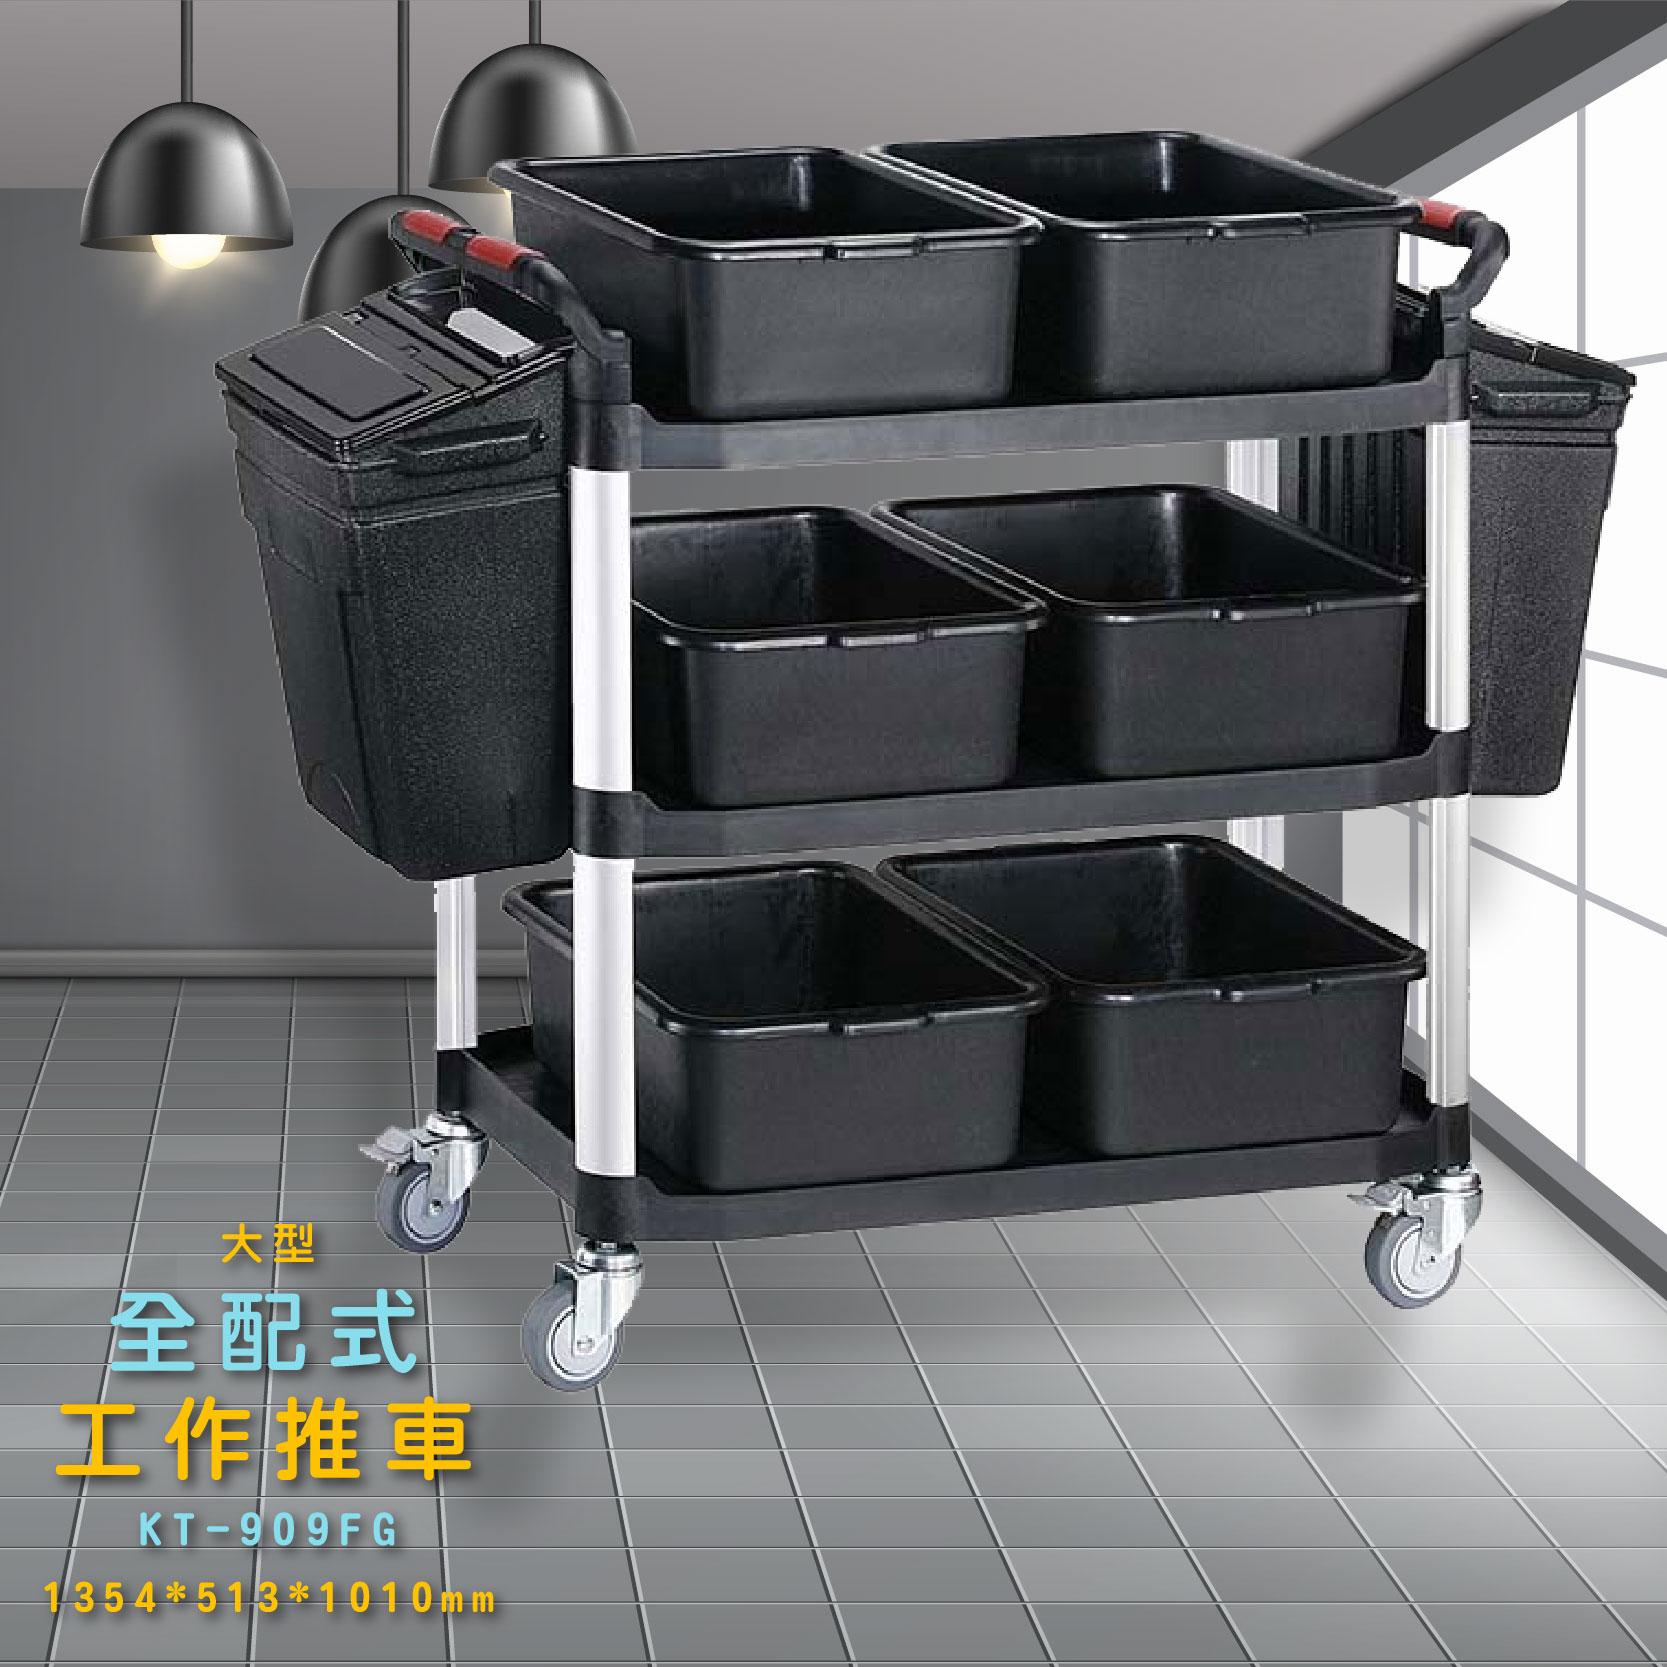 大型全配型三層工作推車(大) KT-909FG 餐車 服務車 分層推車 置物架 手推車 左右掛桶 收納盒 餐飲